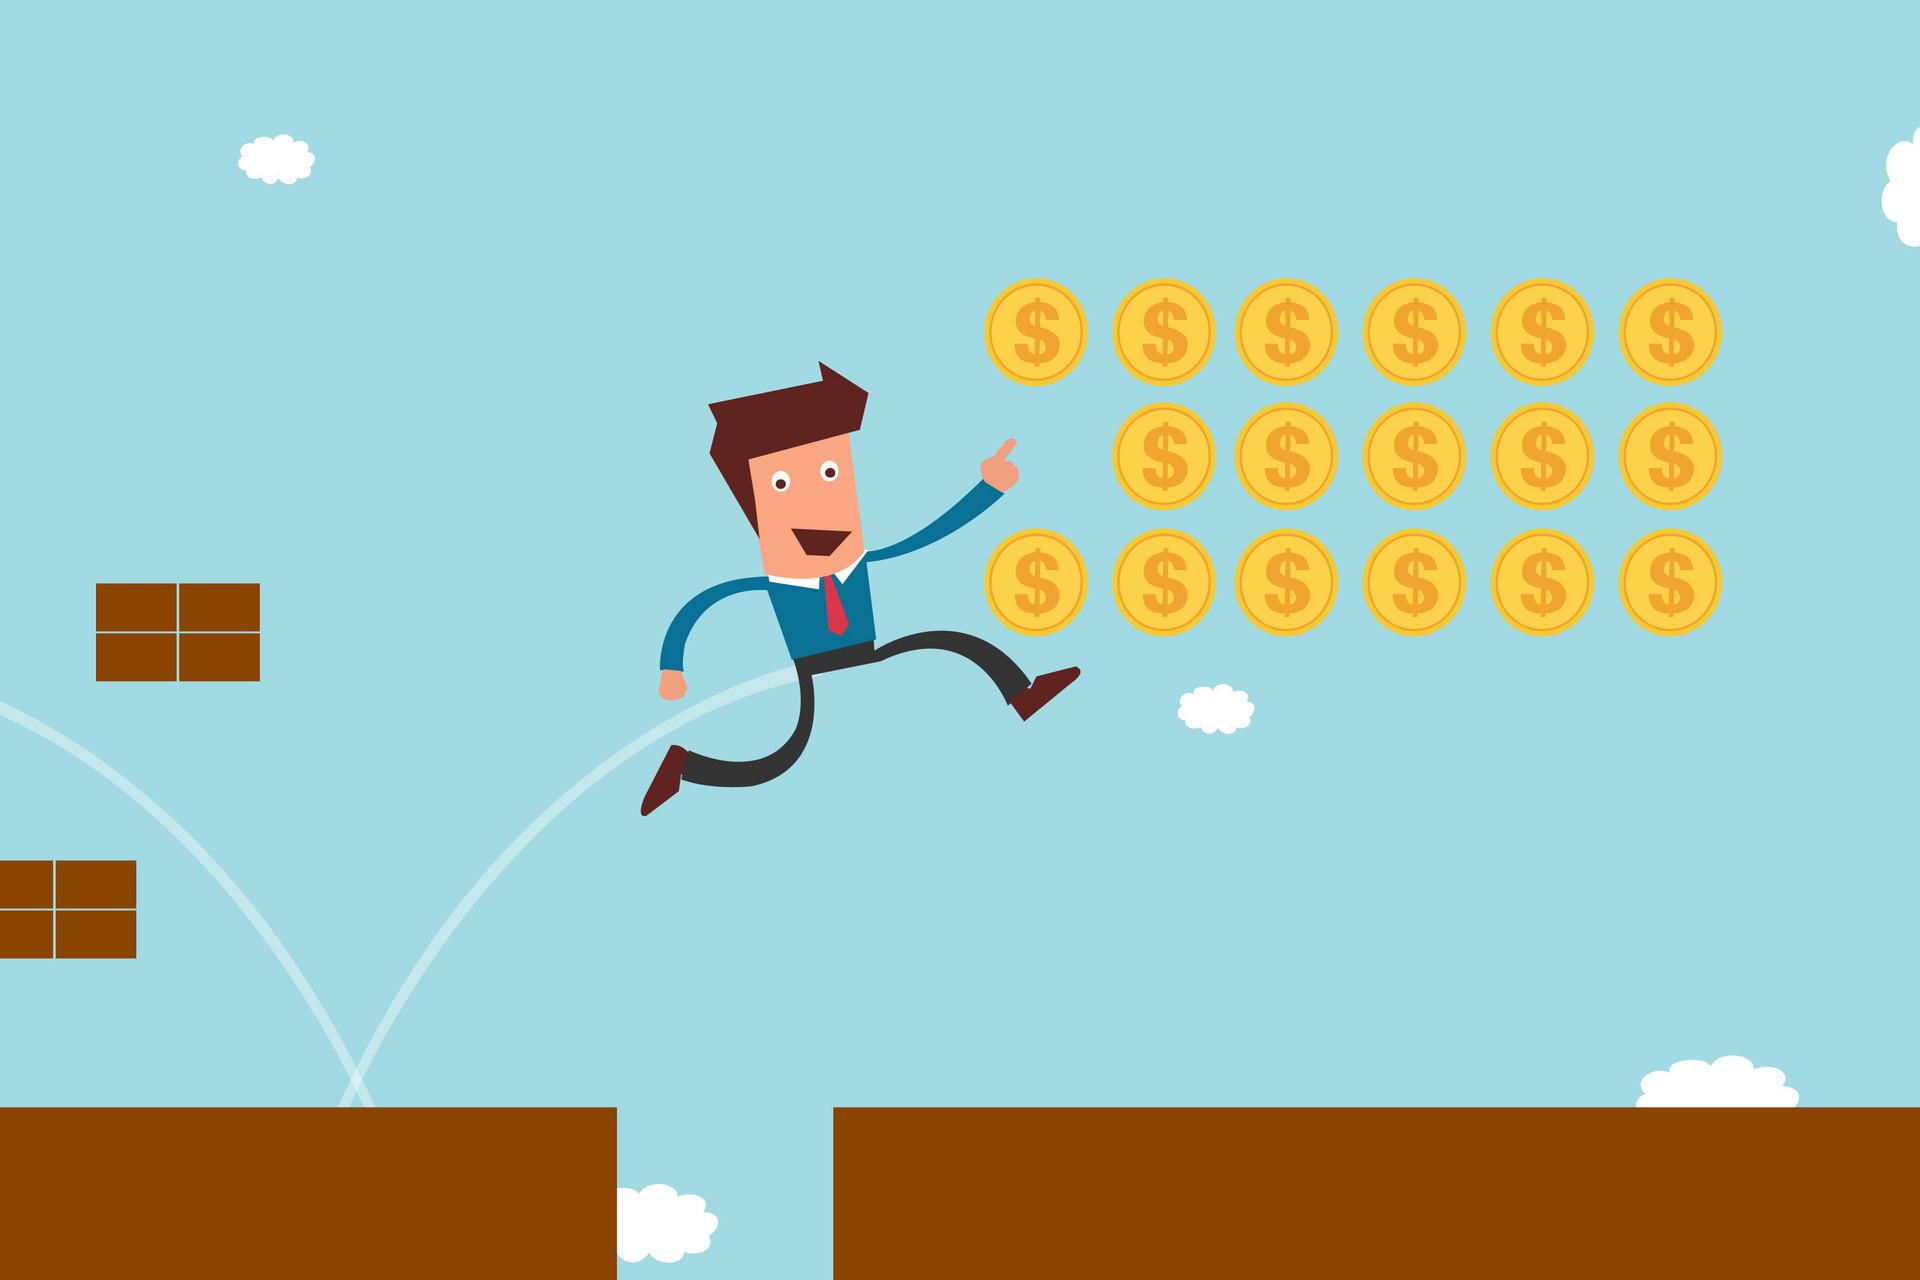 劳动合同法关于员工自动离职工资规定